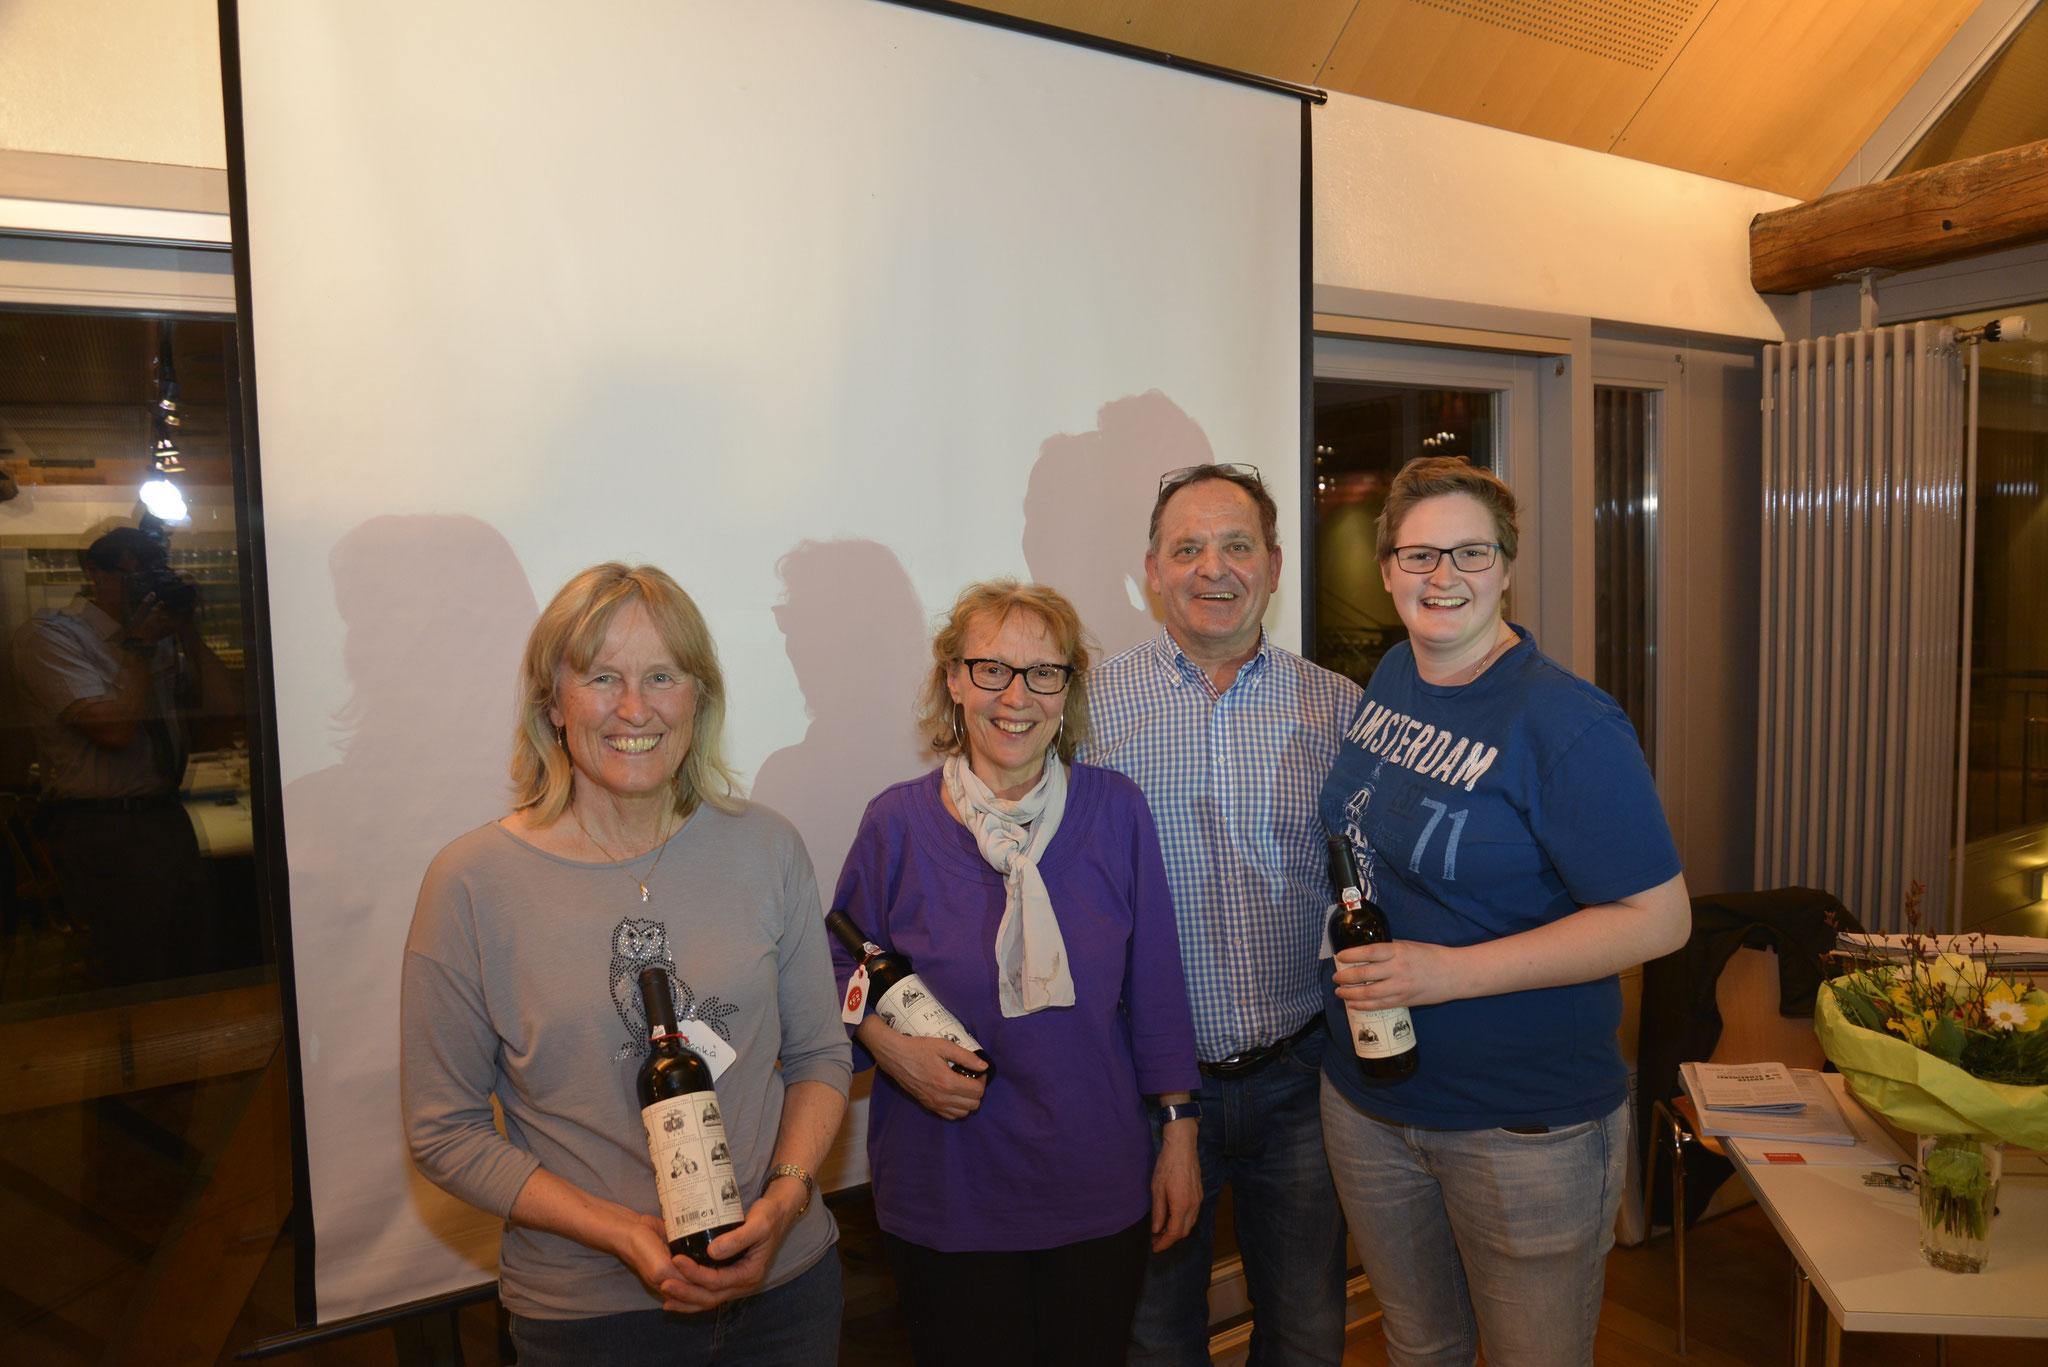 Geehrt wurde auch das Team des Vereinsmagazins TVT Info: Dagmar Giger, Elsbeth Kuster und Sandra Aschmann (von links).